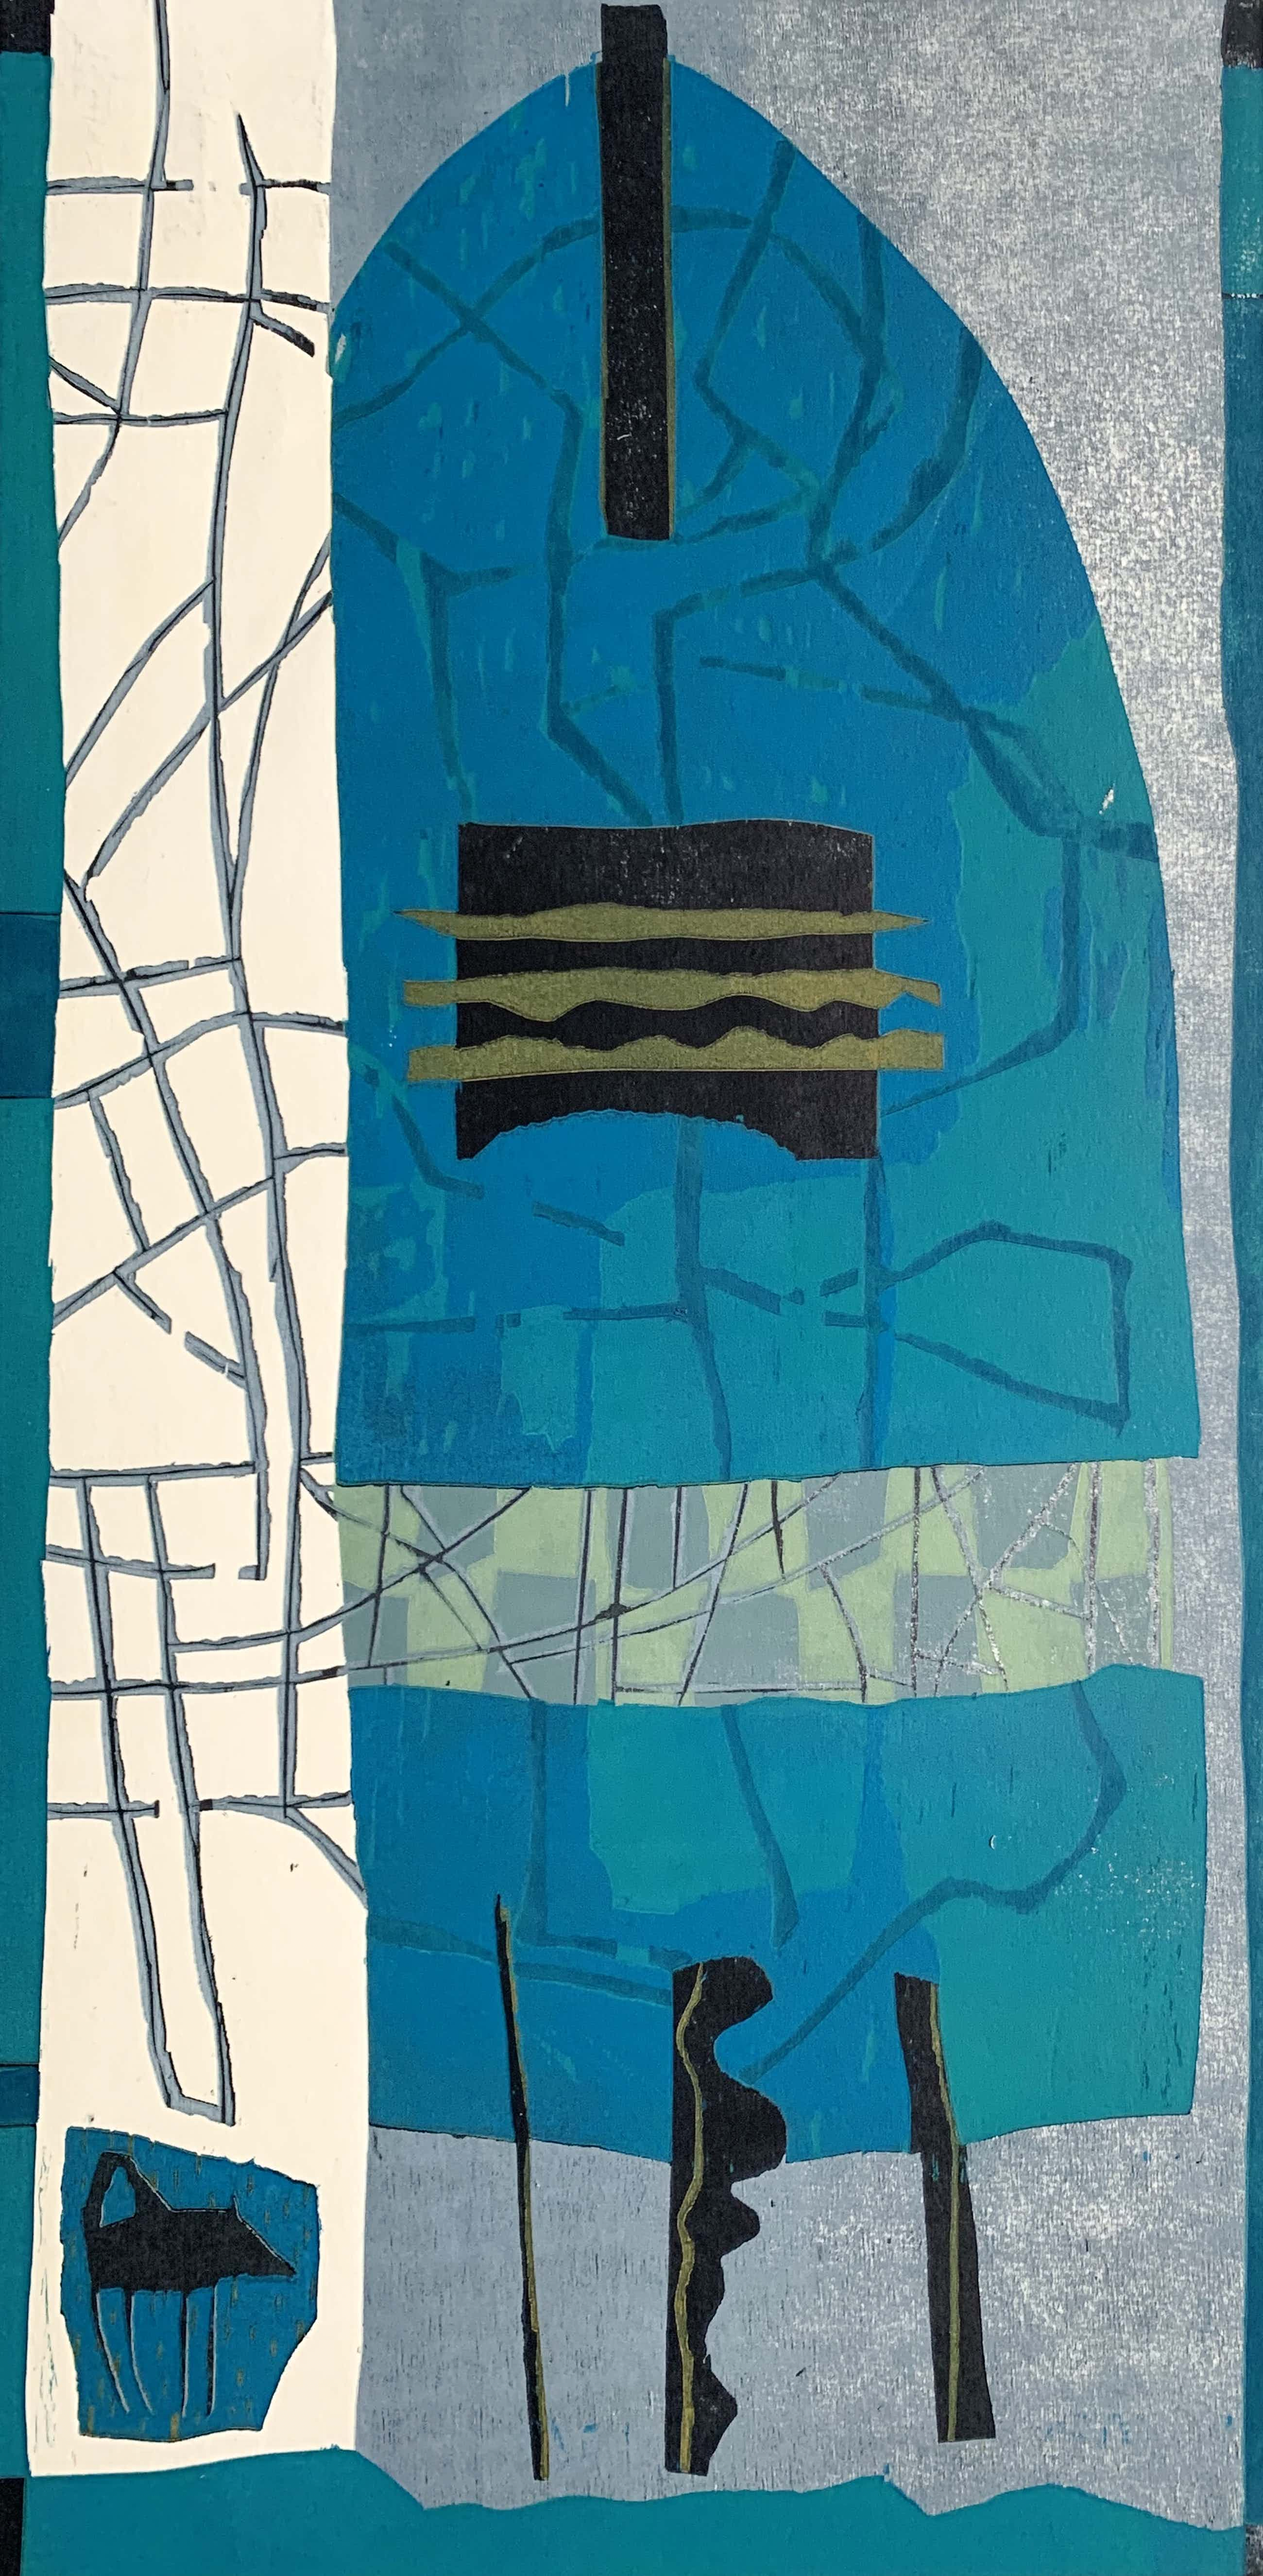 Willy van der Duyn - Kleurenhoutsnede   'Bijtend blauw'   1995 (ZEER KLEINE OPLAGE) kopen? Bied vanaf 50!